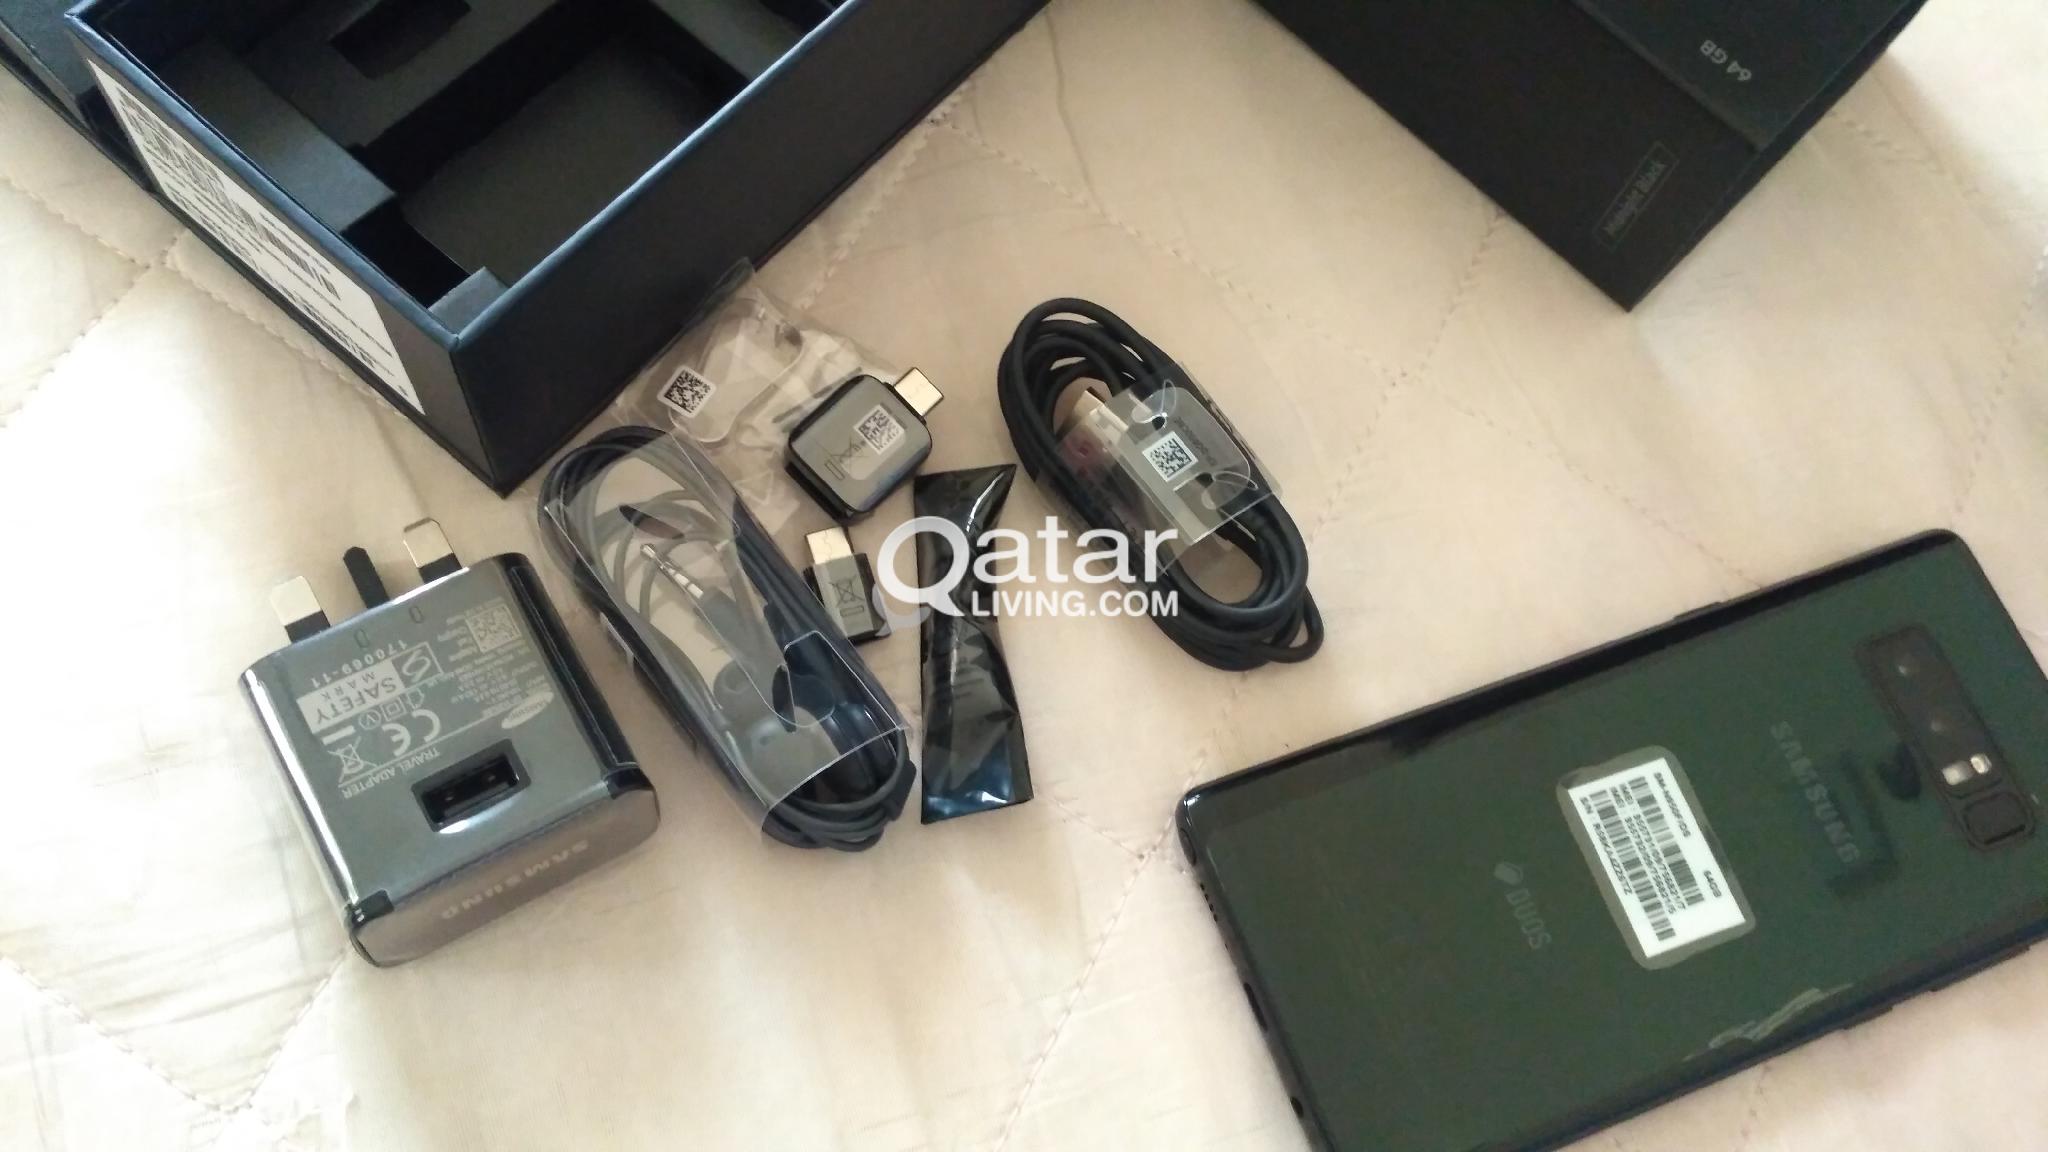 Samsung note 8 dual sim | Qatar Living